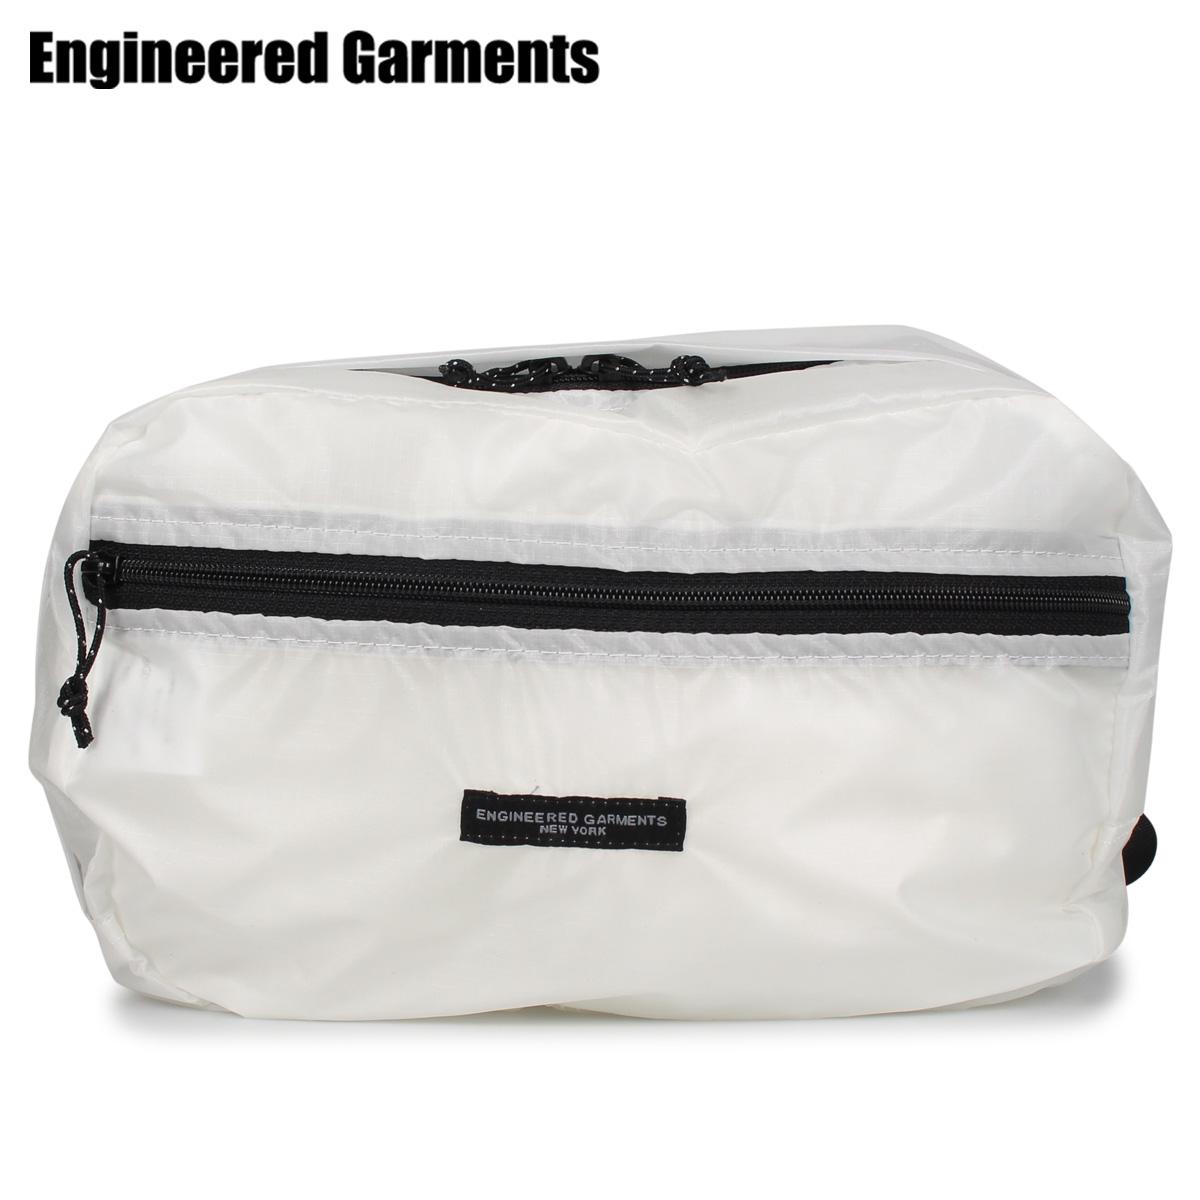 ENGINEERED GARMENTS エンジニアドガーメンツ バッグ ウエストバッグ ボディバッグ メンズ UL WAIST PACK ホワイト 白 20S1H021 [4/22 新入荷]